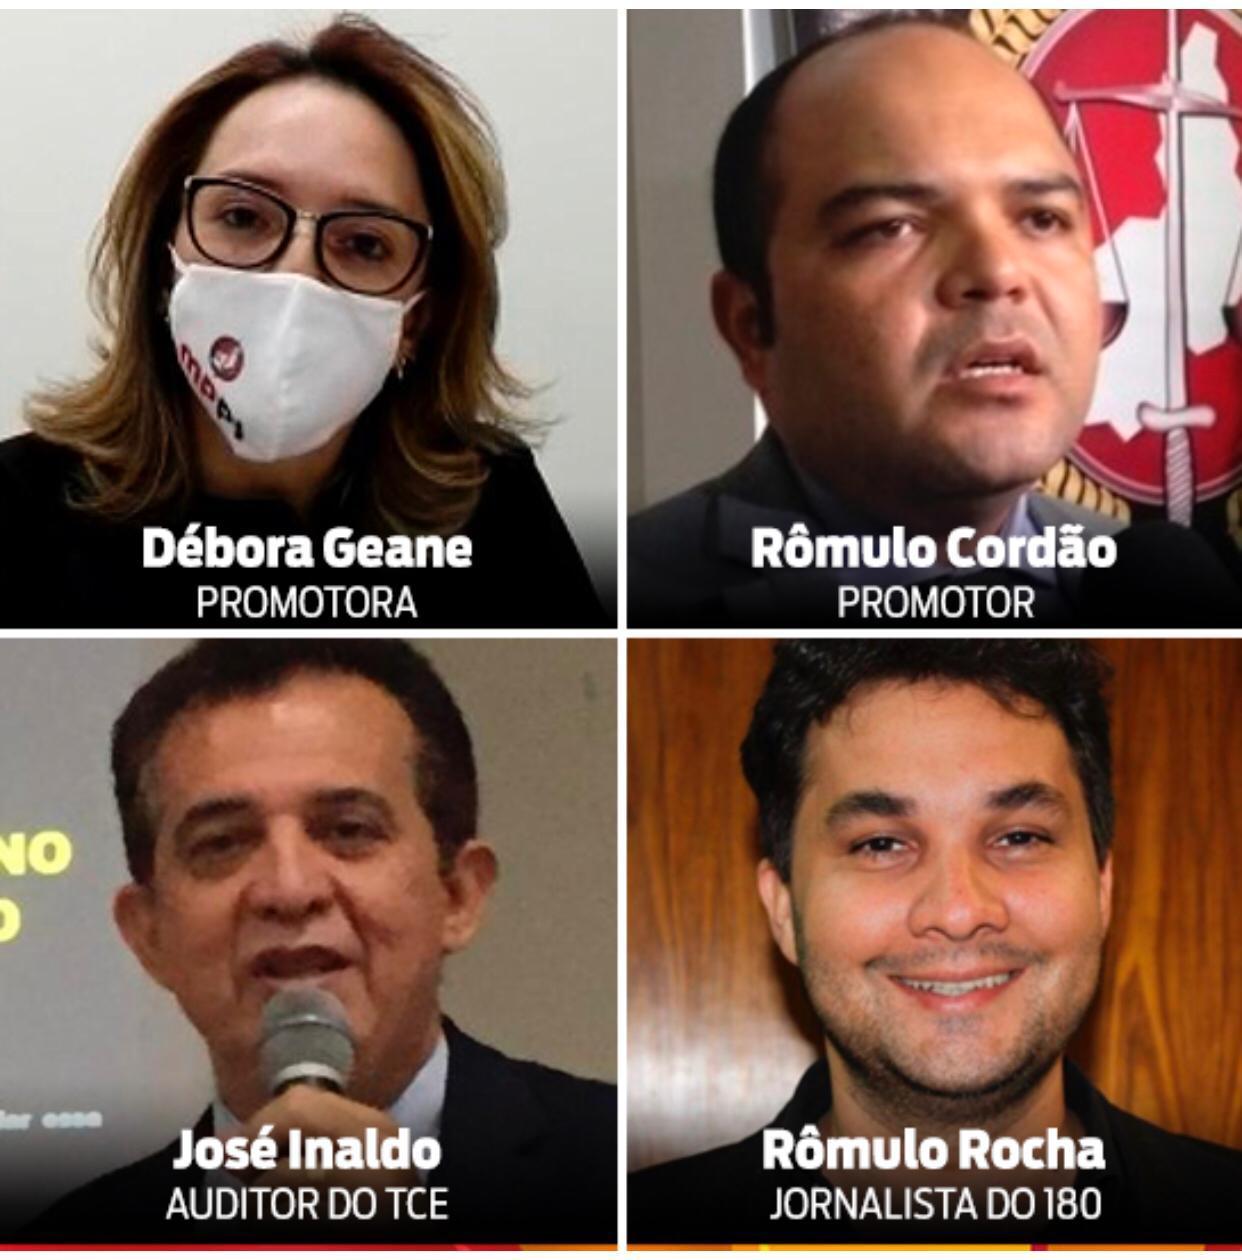 _Em sentido Horário, Débora Geane, Rômulo Cordão, Rômulo Rocha e José Inaldo (Imagens: Divulgação, Reprodução)